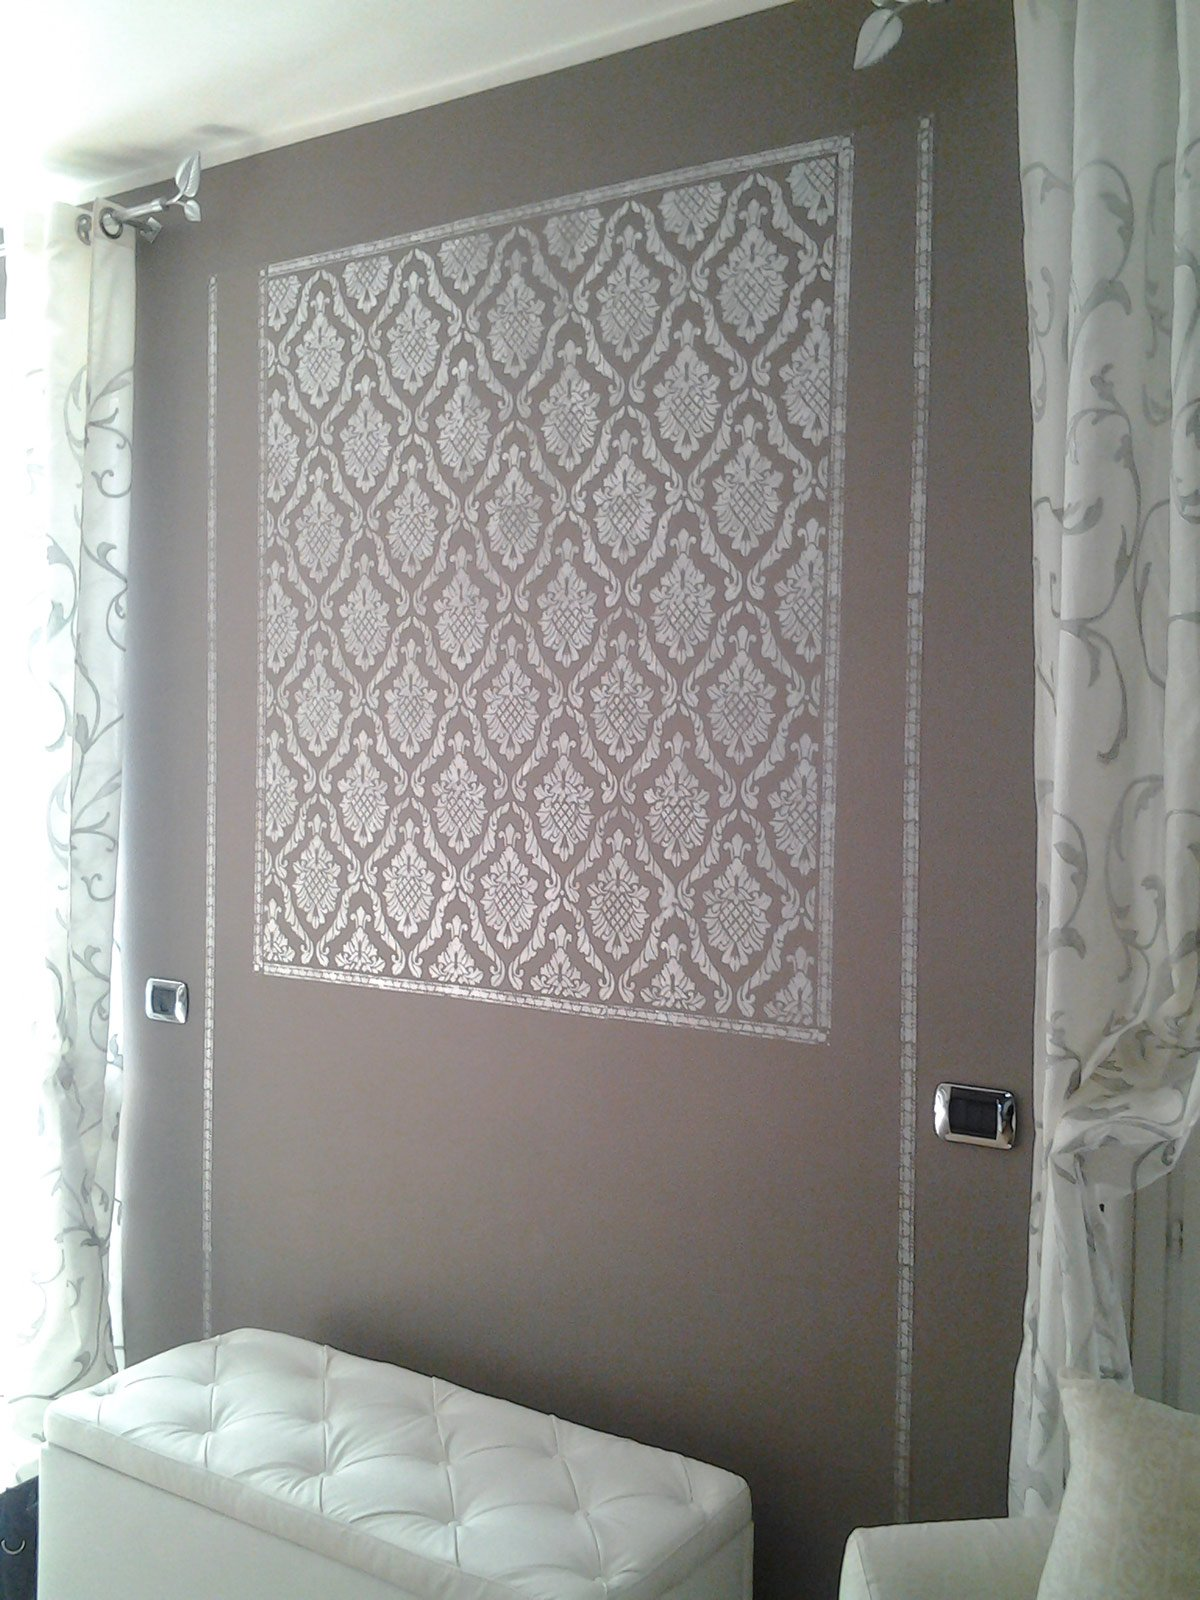 Stile lampadari idee - Decorare pareti camera ...